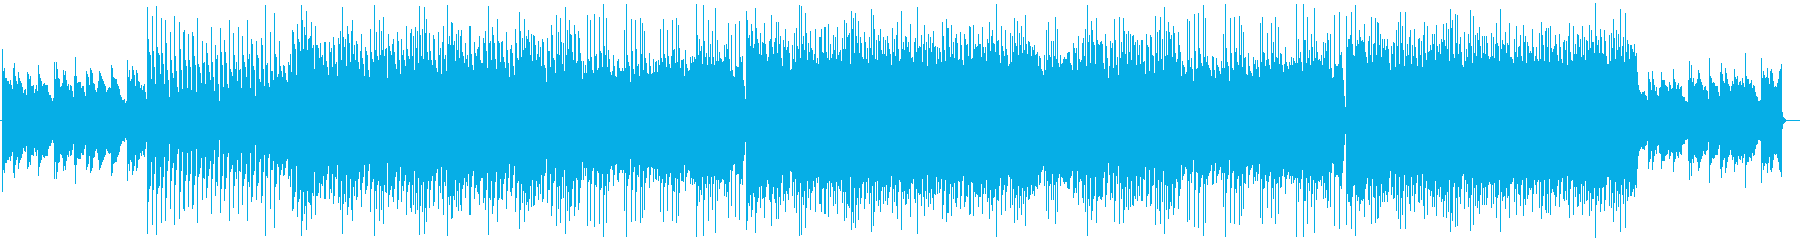 広大な世界を旅するエレキギターのハウスの再生済みの波形